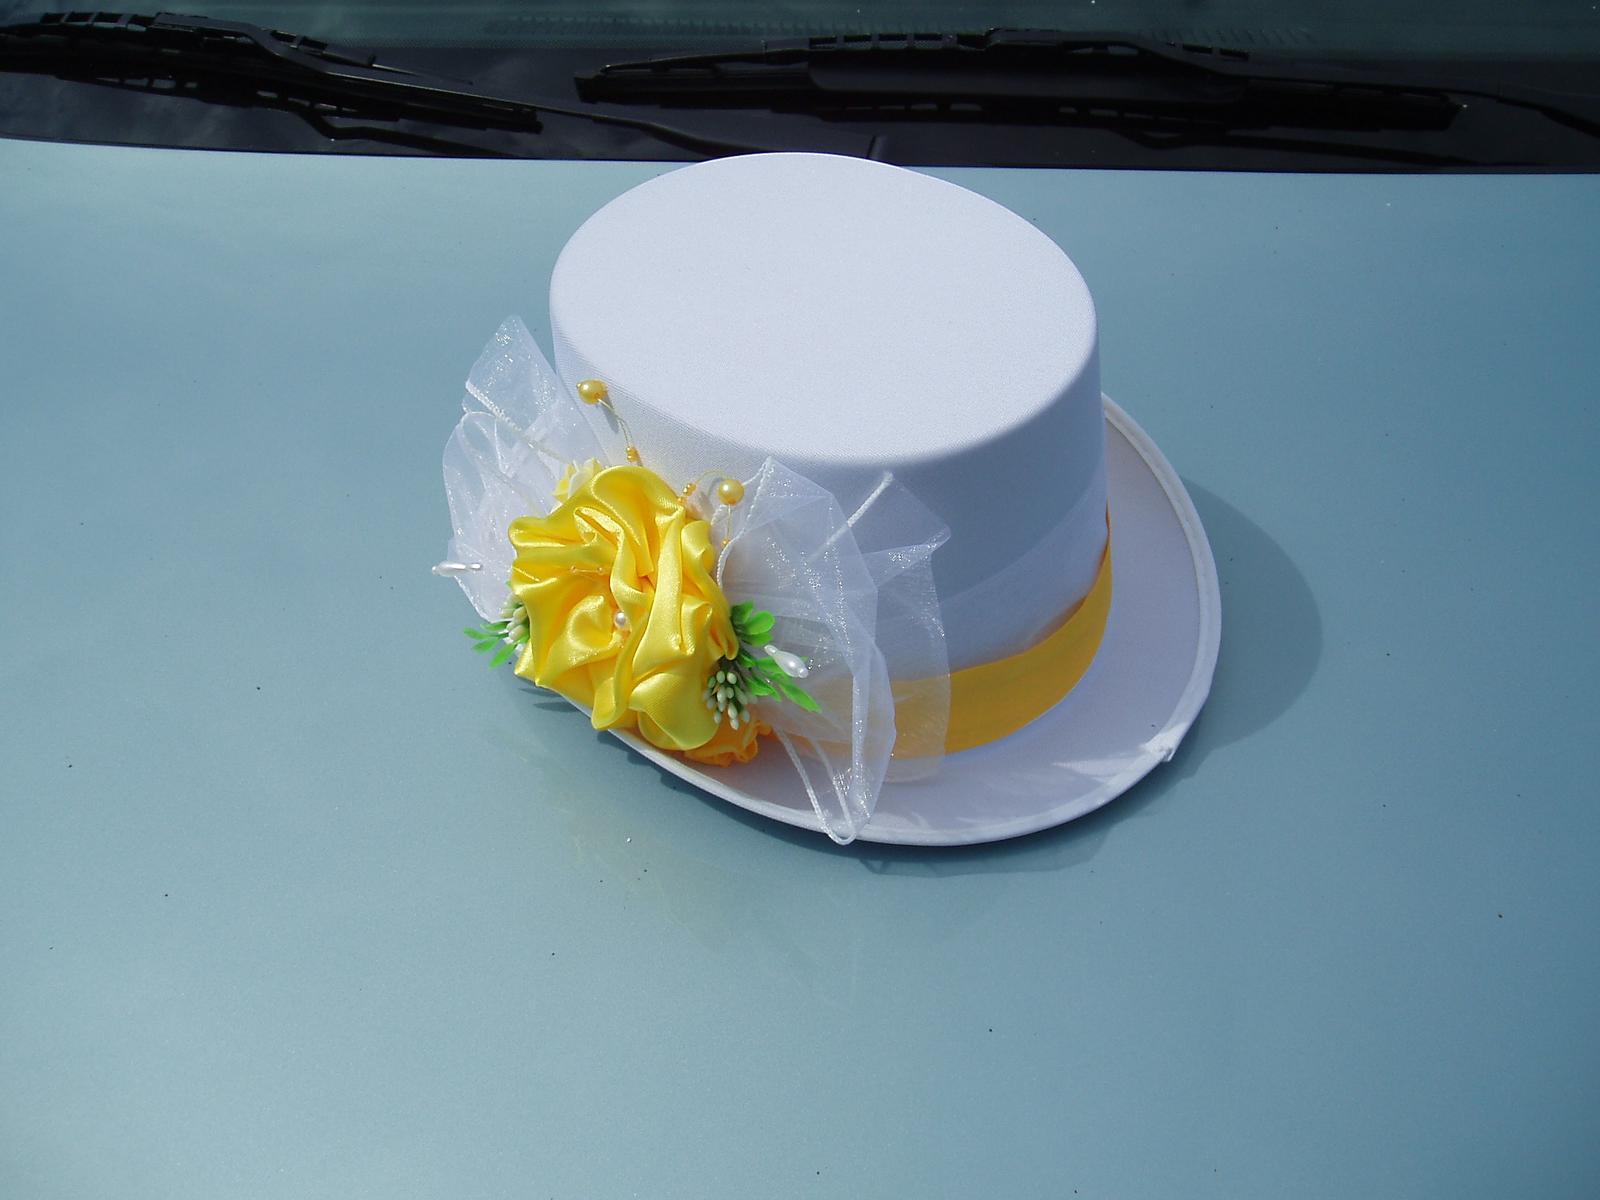 Svatební dekorace - bílý cylindr zdobený žlutou barvou